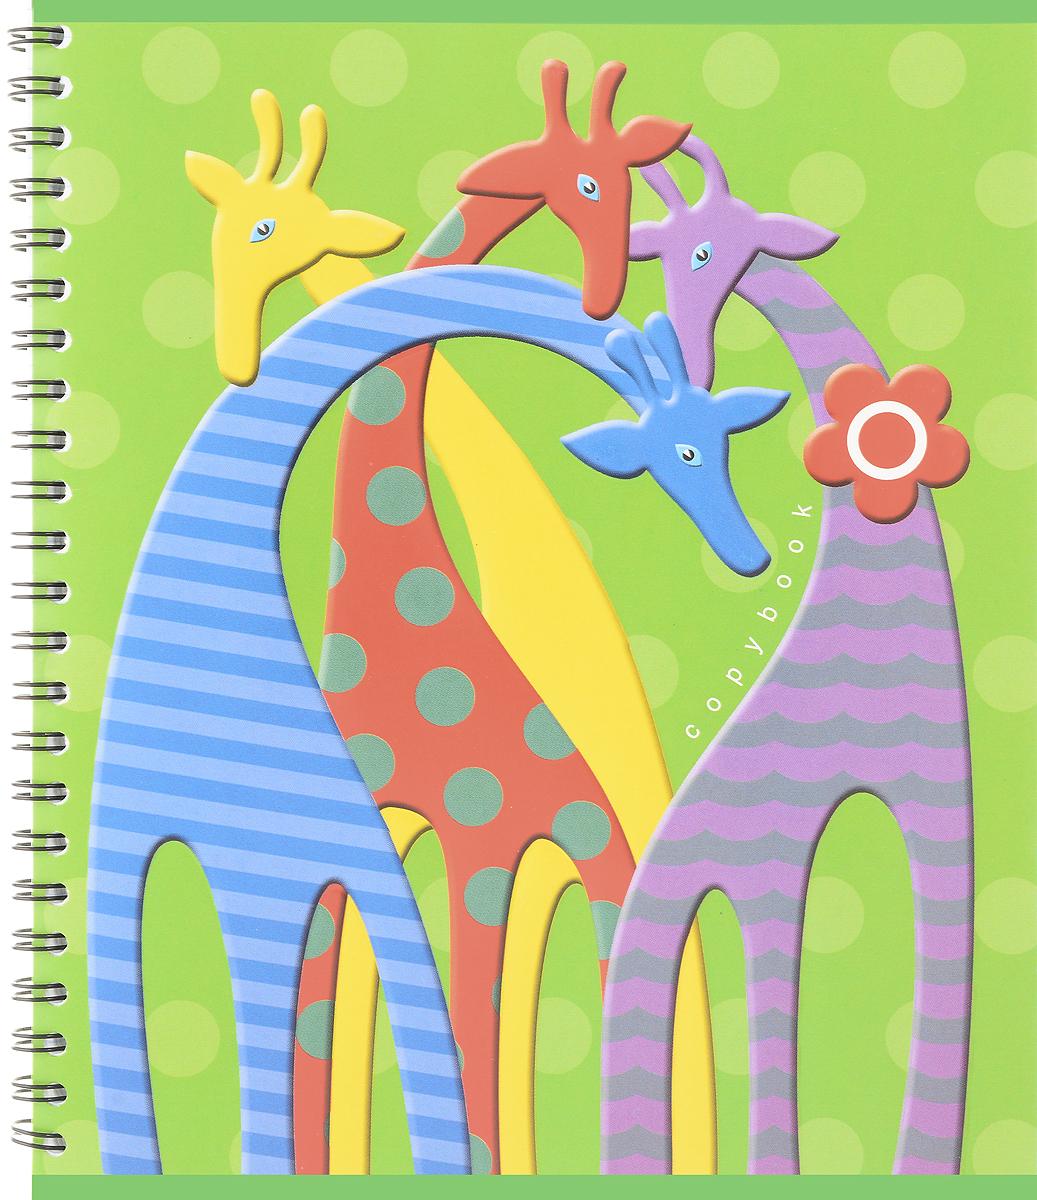 Полиграфика Тетрадь Жирафы 60 листов в клетку цвет зеленый72523WDОбщая тетрадь Полиграфика Жирафы на металлическом гребне пригодится школьнику младших классов.Такое практичное и надежное крепление позволяет отрывать листы и полностью открывать тетрадь на столе. Обложка изготовлена из картона. Внутренний блок выполнен из белой бумаги в стандартную клетку без полей. Тетрадь содержит 60 листов формата А5.Вне зависимости от профессии и рода деятельности у человека часто возникает потребность сделать какие-либо заметки. Именно поэтому всегда удобно иметь эту тетрадь под рукой, особенно если вы творческая личность и постоянно генерируете новые идеи.